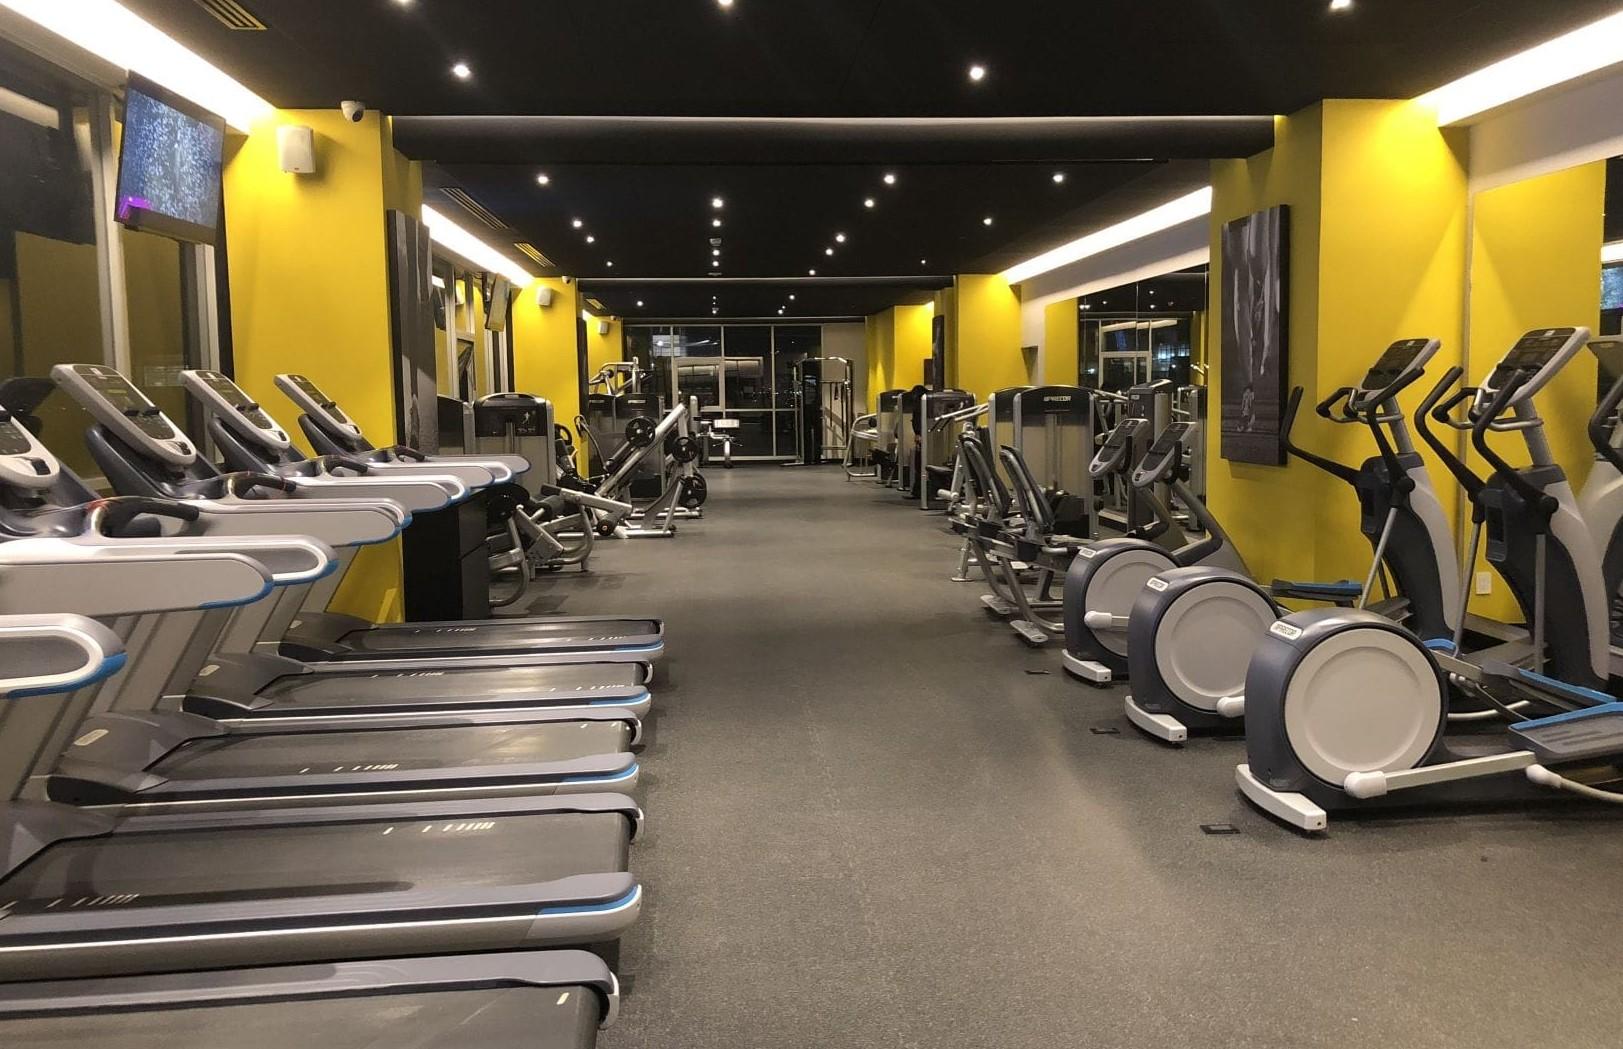 Departamento en venta en City Towers Park Grand, Colonia Xoco, Benito Juárez, CDMX. Gym aerobico.